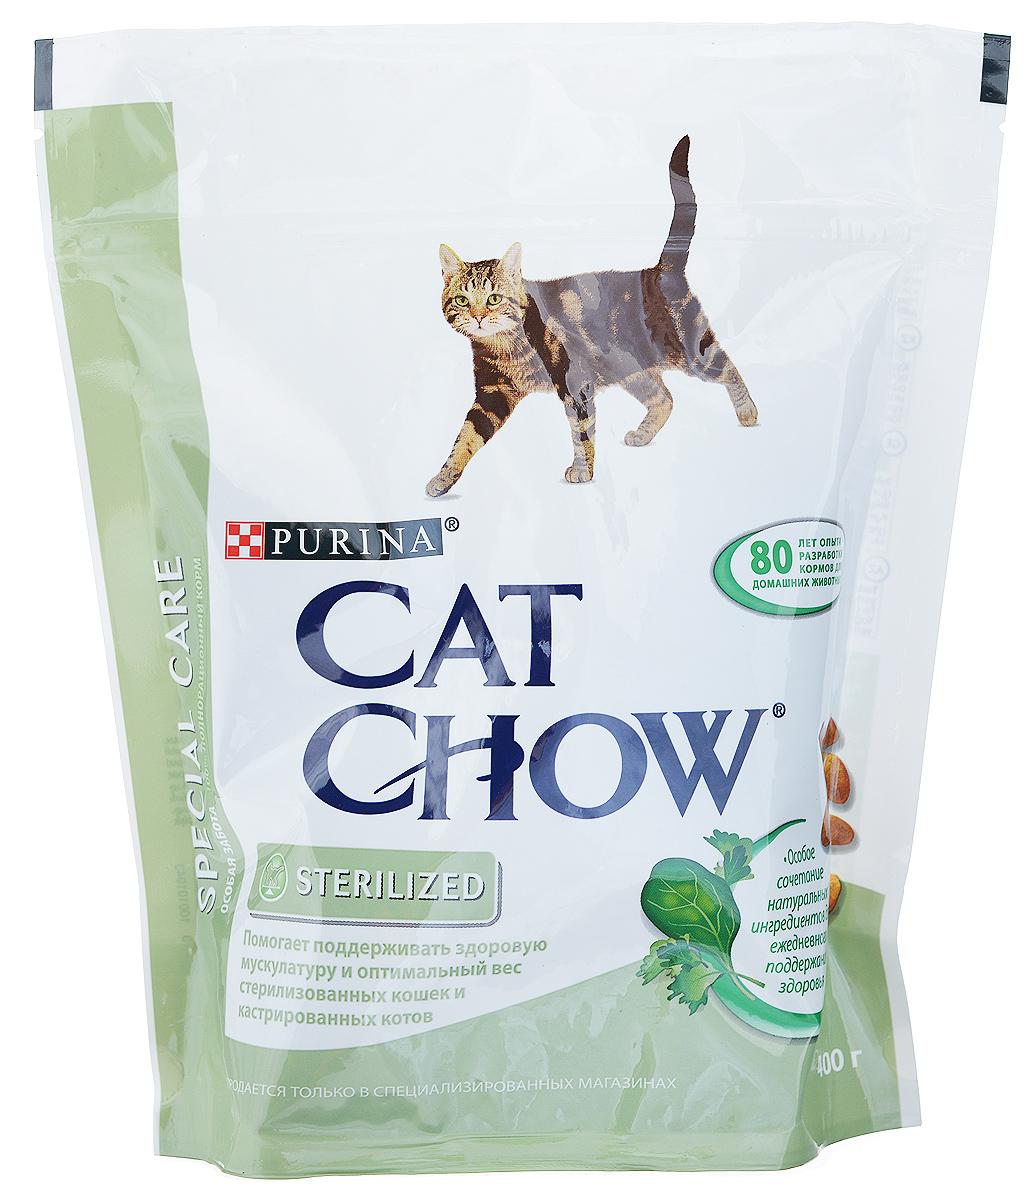 Корм сухой Cat Chow Special Care для кастрированных котов и стерилизованных кошек, 400 г12161312_59897Корм сухой Cat Chow Special Care - полнорационный корм для кастрированных котов и стерилизованных кошек. Сама природа вдохновляет компанию PURINA на разработку кормов, которые максимально отвечают потребностям ваших питомцев, с учетом их природных инстинктов. Имея более чем 80-ти летний опыт в области питания животных, PURINA создала новый корм Cat Chow - полностью сбалансированный корм, который не только доставит удовольствие вашей кошке, но и будет полезным для ее здоровья. Особенности корма Cat Chow Special Care:Высокое содержание мяса, с источниками высококачественного белка в каждой порции для поддержания оптимальной массы тела. Особое сочетание натуральных ингредиентов: тщательно отобранные травы и овощи (петрушка, шпинат, морковь, горох). Отборные ингредиенты придают особый аромат. Высокое содержание витамина Е для поддержания естественной защиты организма питомца. Содержит мякоть свеклы и цикорий для поддержания здорового пищеварения и уменьшения запаха от туалетного лотка. Формула со специально подобранными уровнями белка и жира для поддержания здоровой мускулатуры и оптимального веса. Идеальная физическая форма способствует поддержанию уровня активности стерилизованных кошек и кастрированных котов. Состав: злаки, мясо и субпродукты (мясо 14%), экстракт растительного белка, продукты переработки овощей (сухая мякоть свеклы 2,7%, петрушка 0,4%), масла и жиры, овощи (сухой корень цикория 2%, морковь 1,3%, шпинат 1,3%, зеленый горох 1,3%), минеральные вещества, дрожжи. Добавленные вещества (на 1 кг): витамин А 14900 МЕ; витамин D3 1200 МЕ; витамин Е 100 МЕ, железо 55 мг; йод 1,3 мг; медь 10 мг; марганец 6 мг; цинк 75 мг; селен 0,06 мг. С антиокислителями. Гарантируемые показатели: белок 38%, жир 10%, сырая зола 8,5%, сырая клетчатка 3%.Товар сертифицирован.